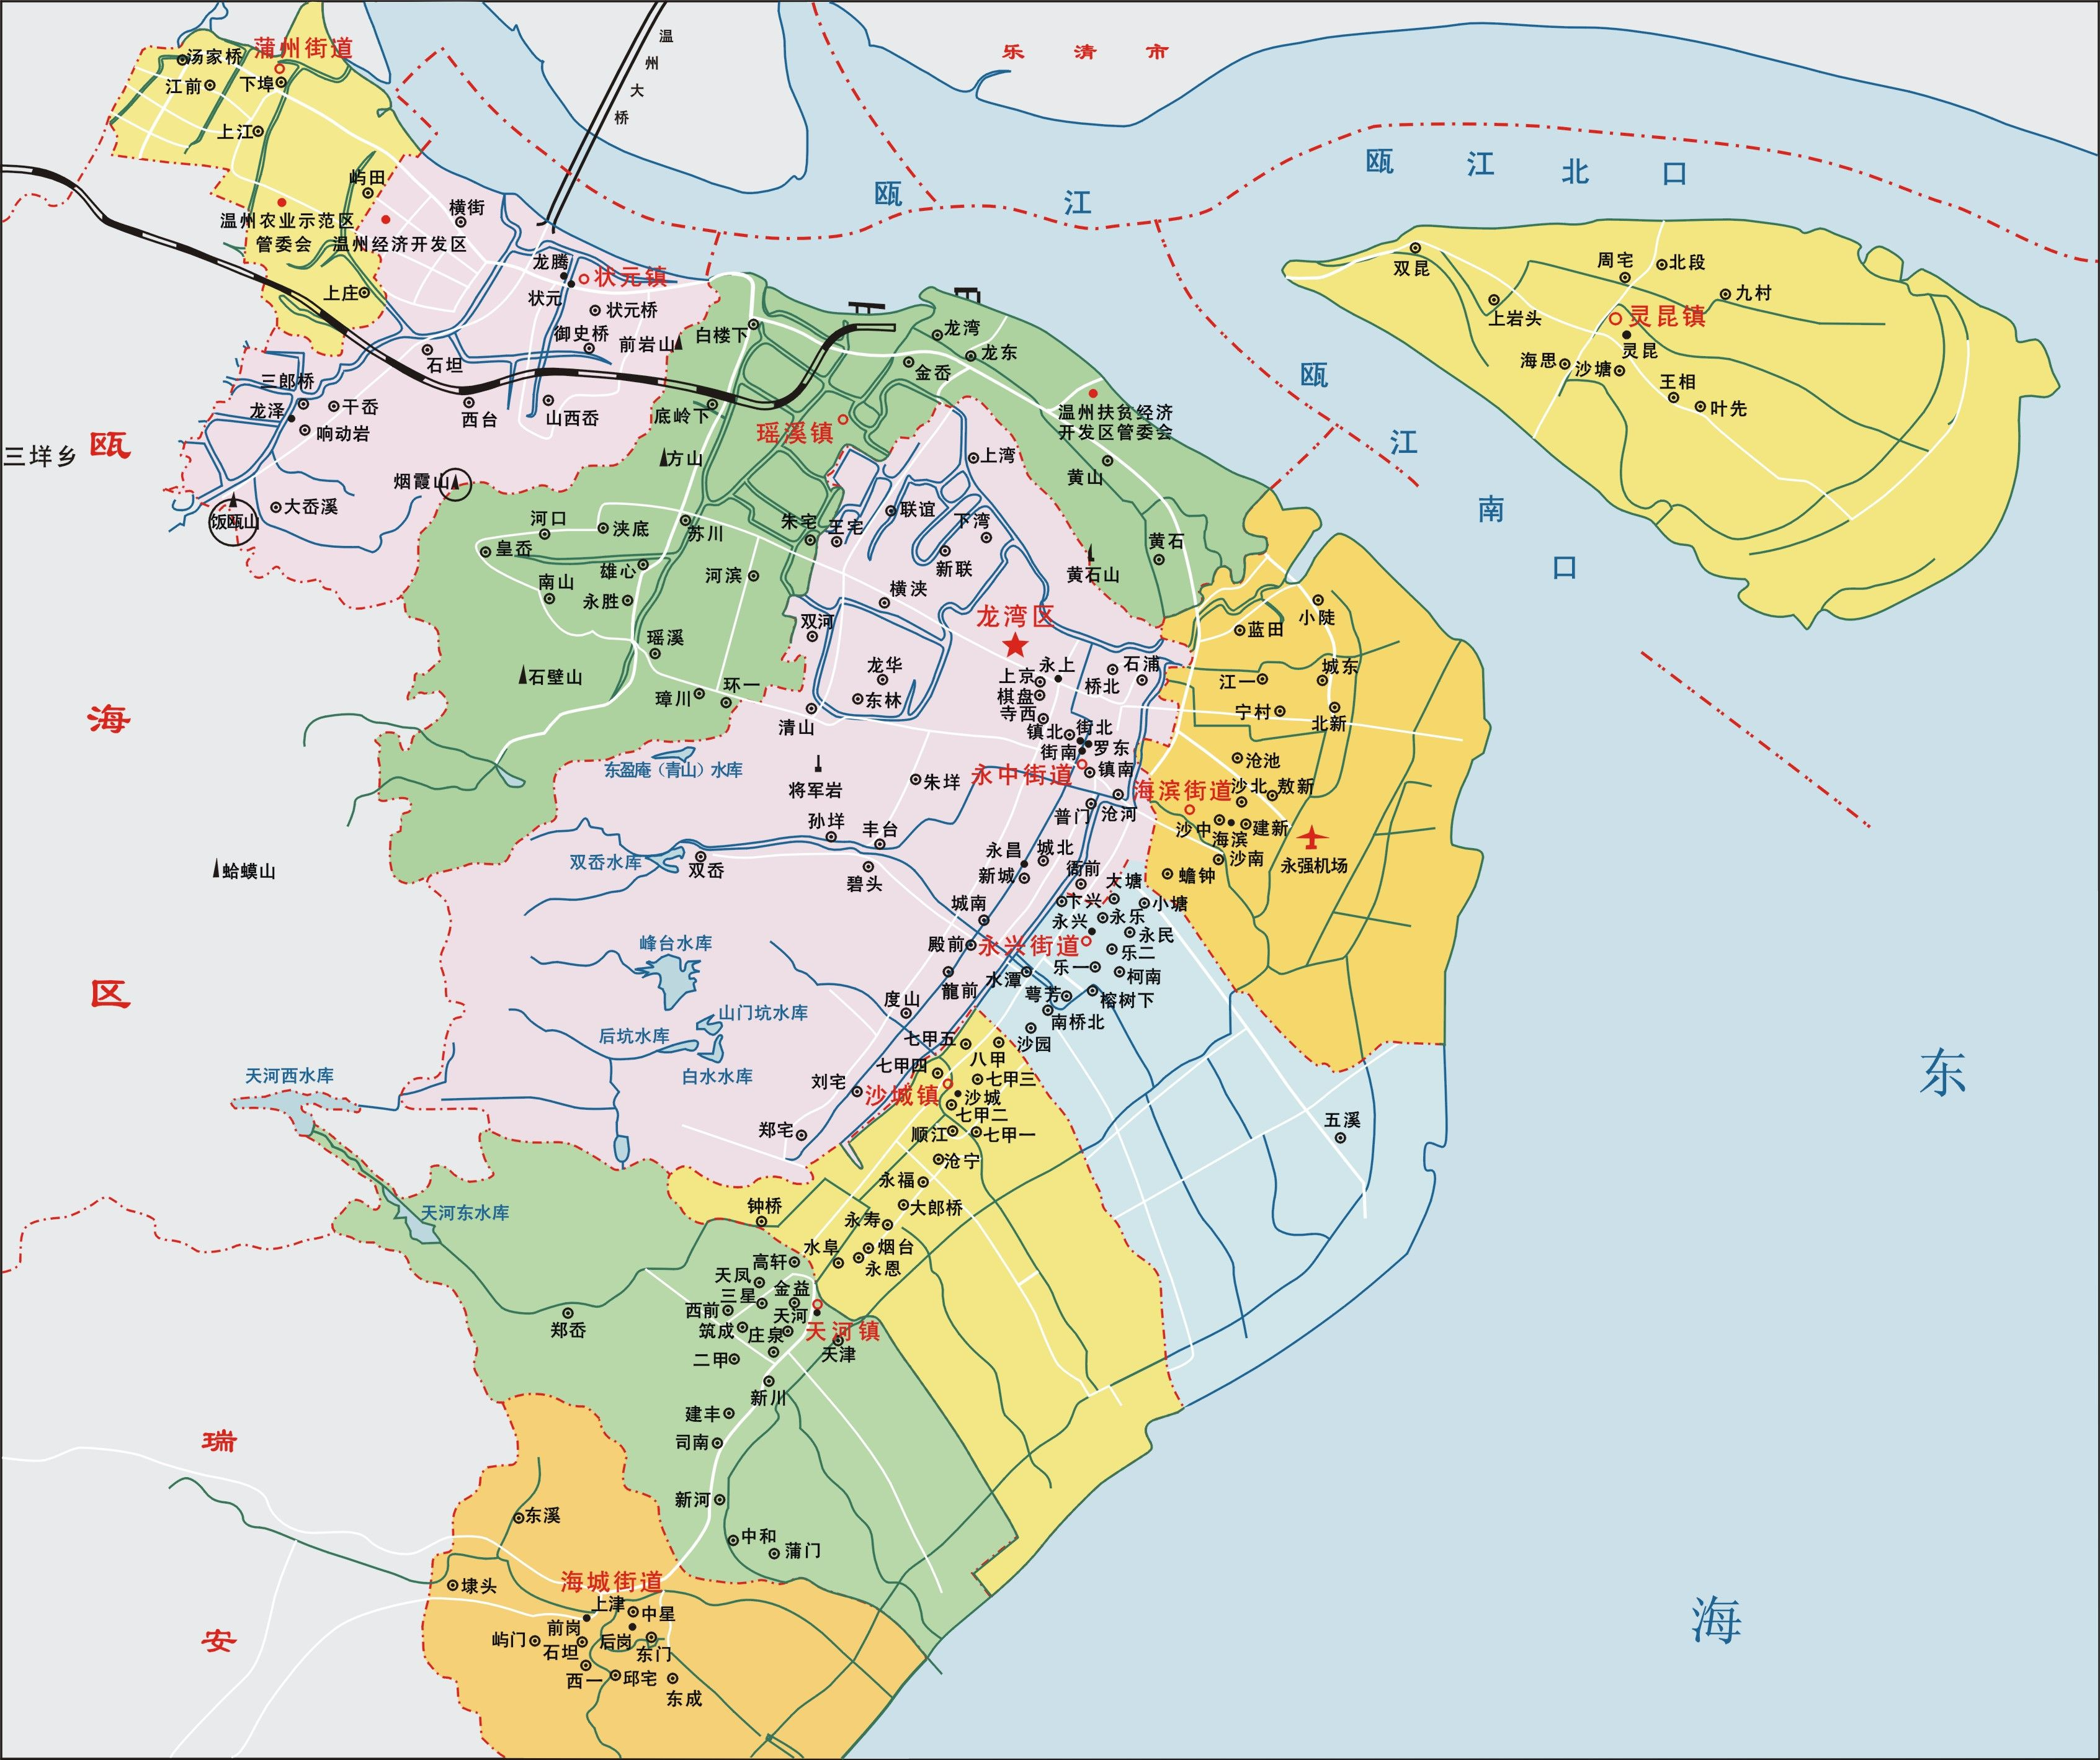 温州地图简笔画